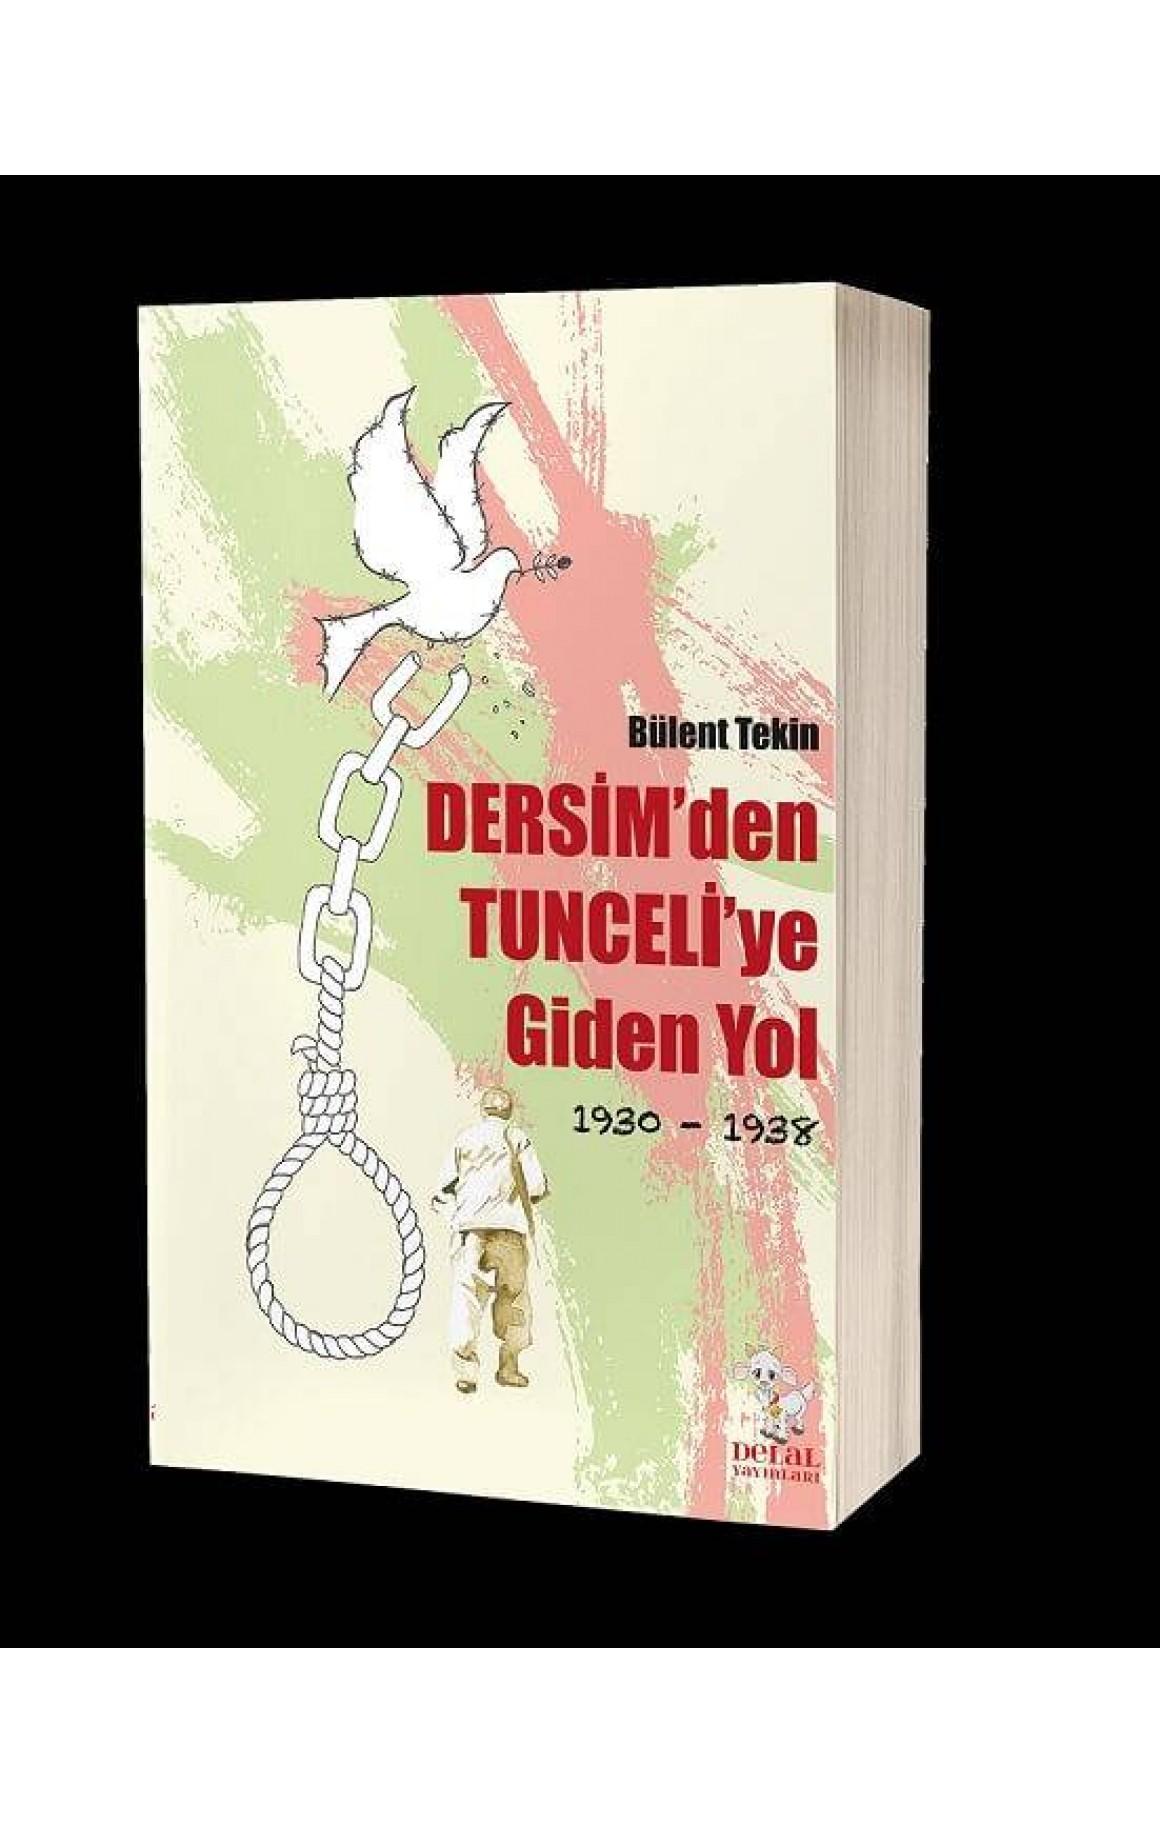 Dersim'den Tunceli'ye Giden Yol (1930-1938)